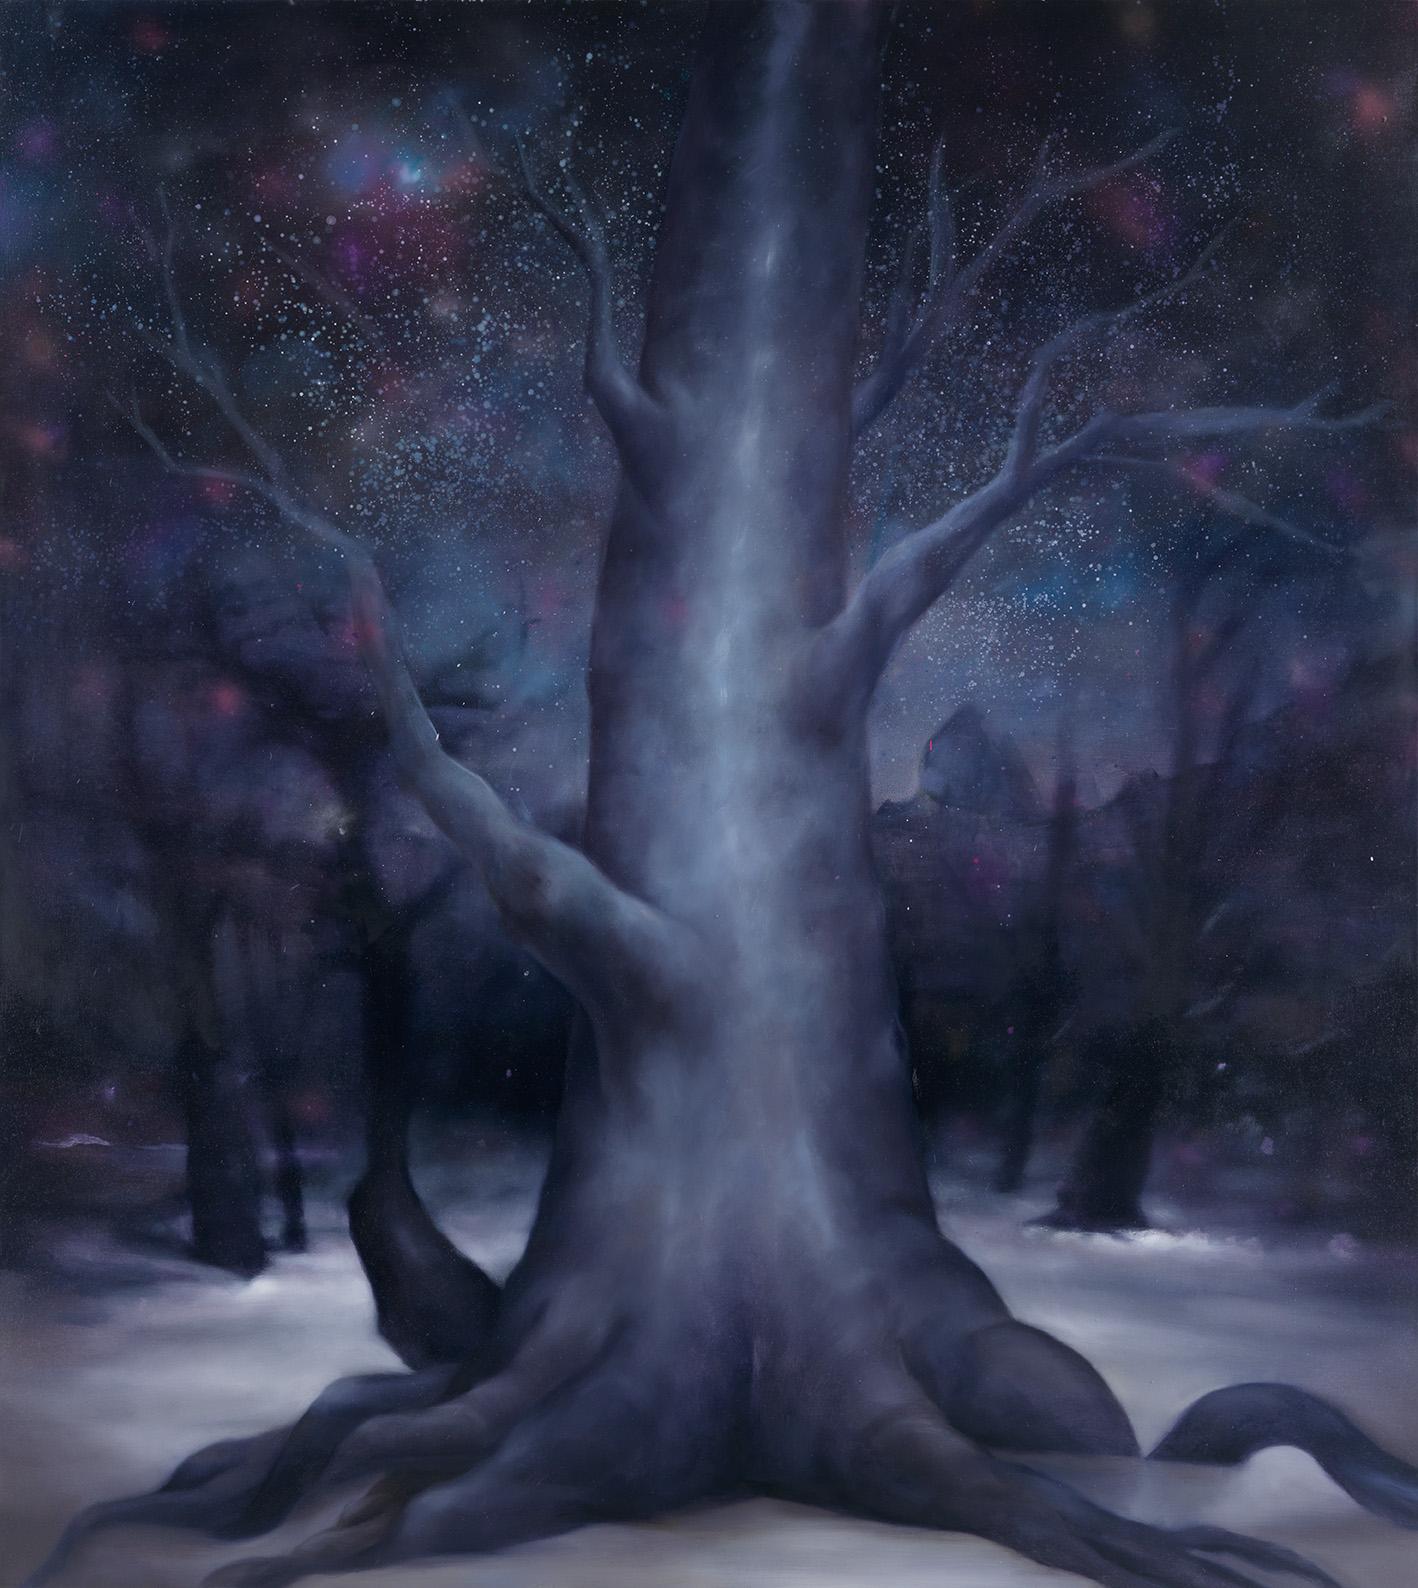 Simone Haack | Winternachtsbaum - 2021, 200 x 180 cm, Öl auf Baumwolle